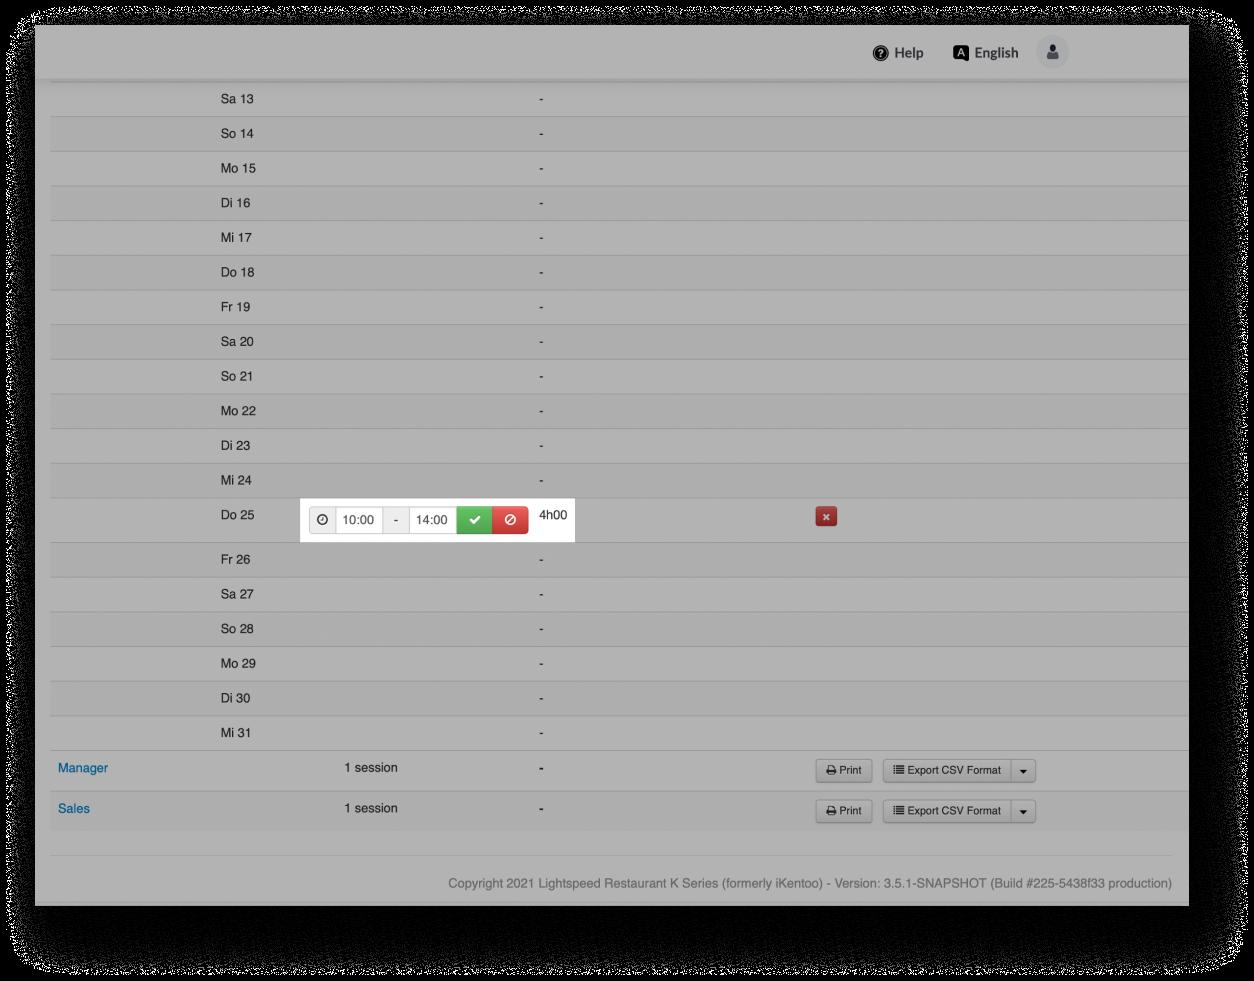 Bildschirmfoto_2021-03-31_um_10.25.46.png